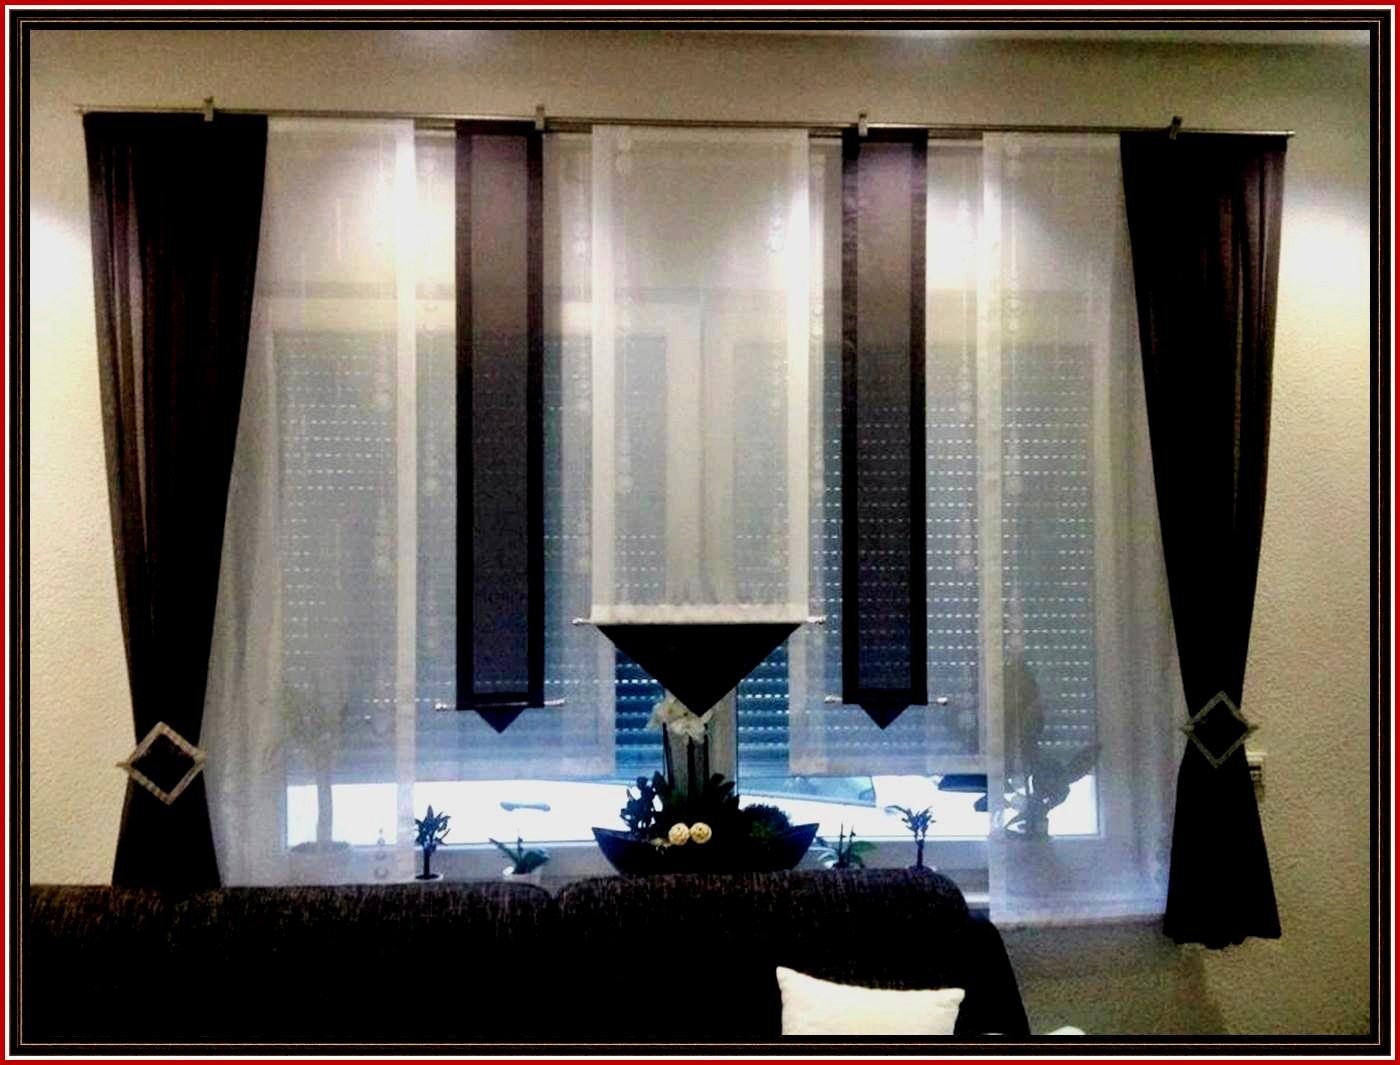 Full Size of Gardinen Deko Ideen Kchenfenster Gardine Dekoideen Fur Fenster Wohnzimmer Badezimmer Für Die Küche Bad Renovieren Tapeten Schlafzimmer Wanddeko Wohnzimmer Gardinen Deko Ideen